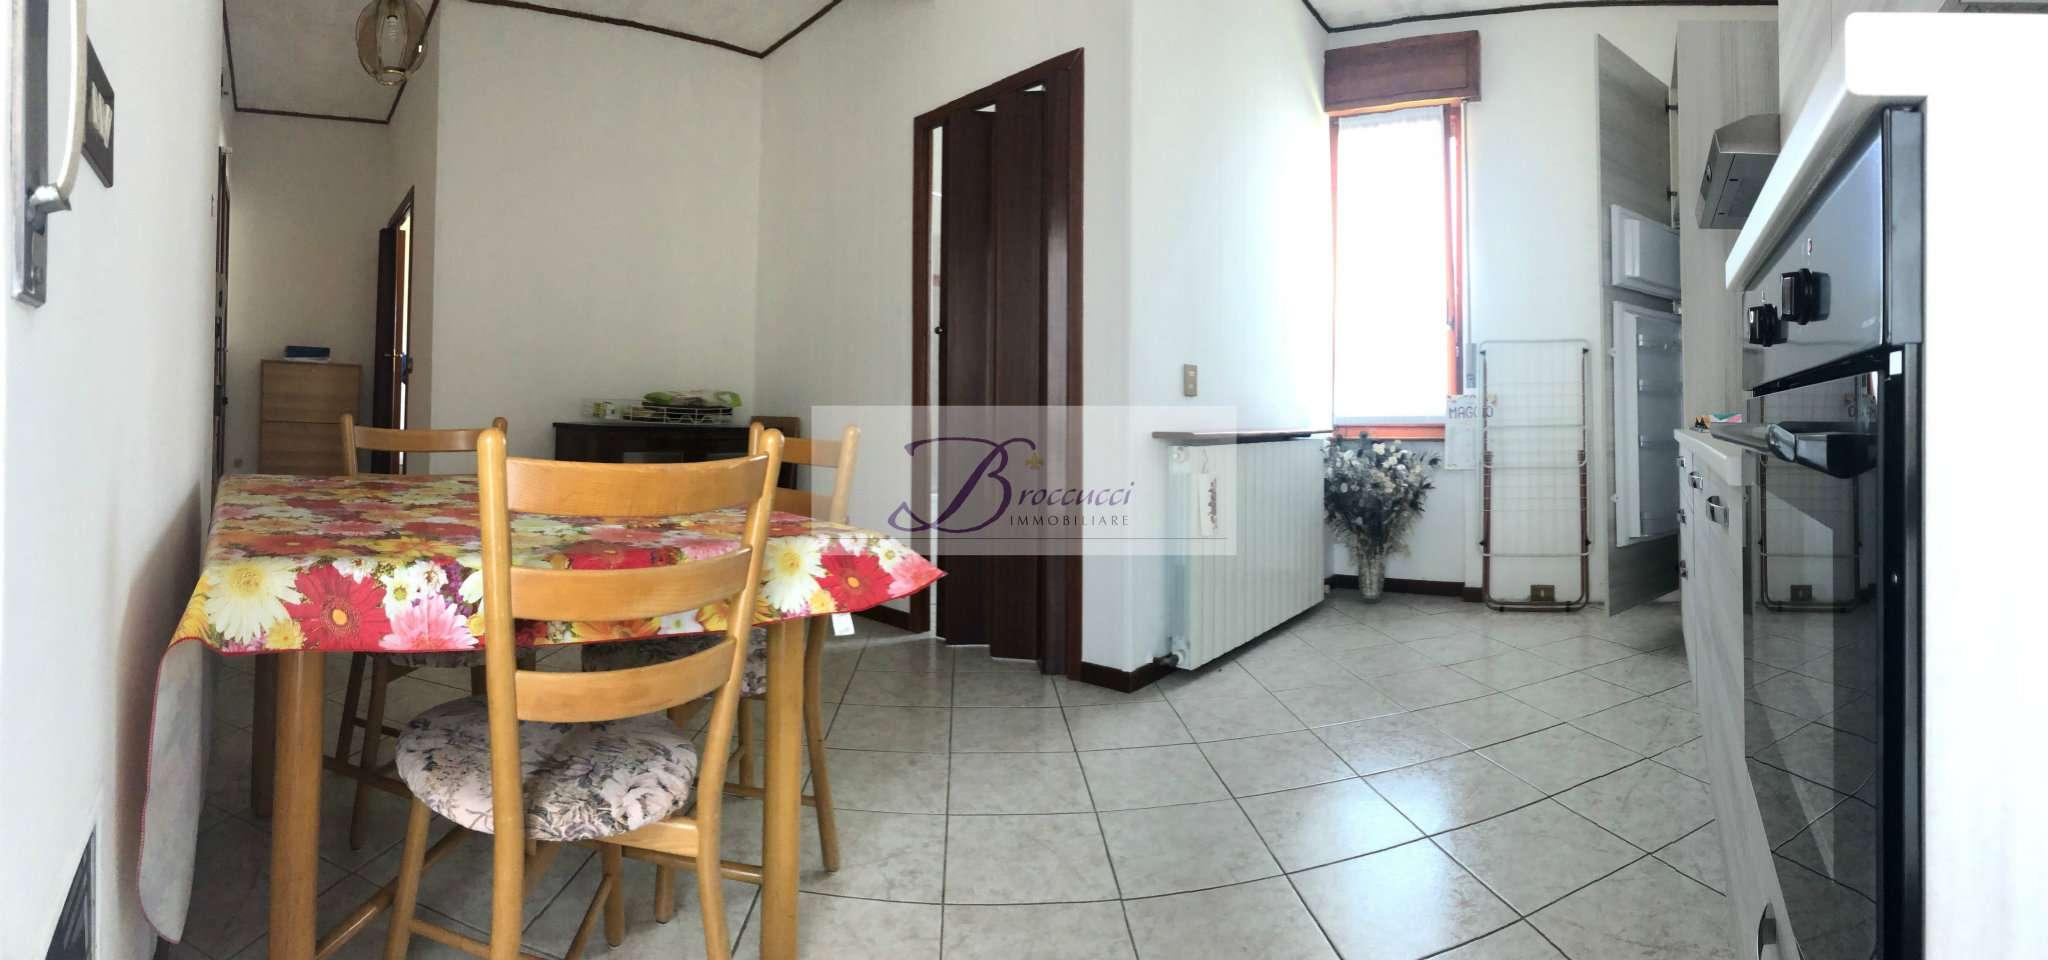 Appartamento in affitto a Porto Ceresio, 2 locali, prezzo € 500 | PortaleAgenzieImmobiliari.it